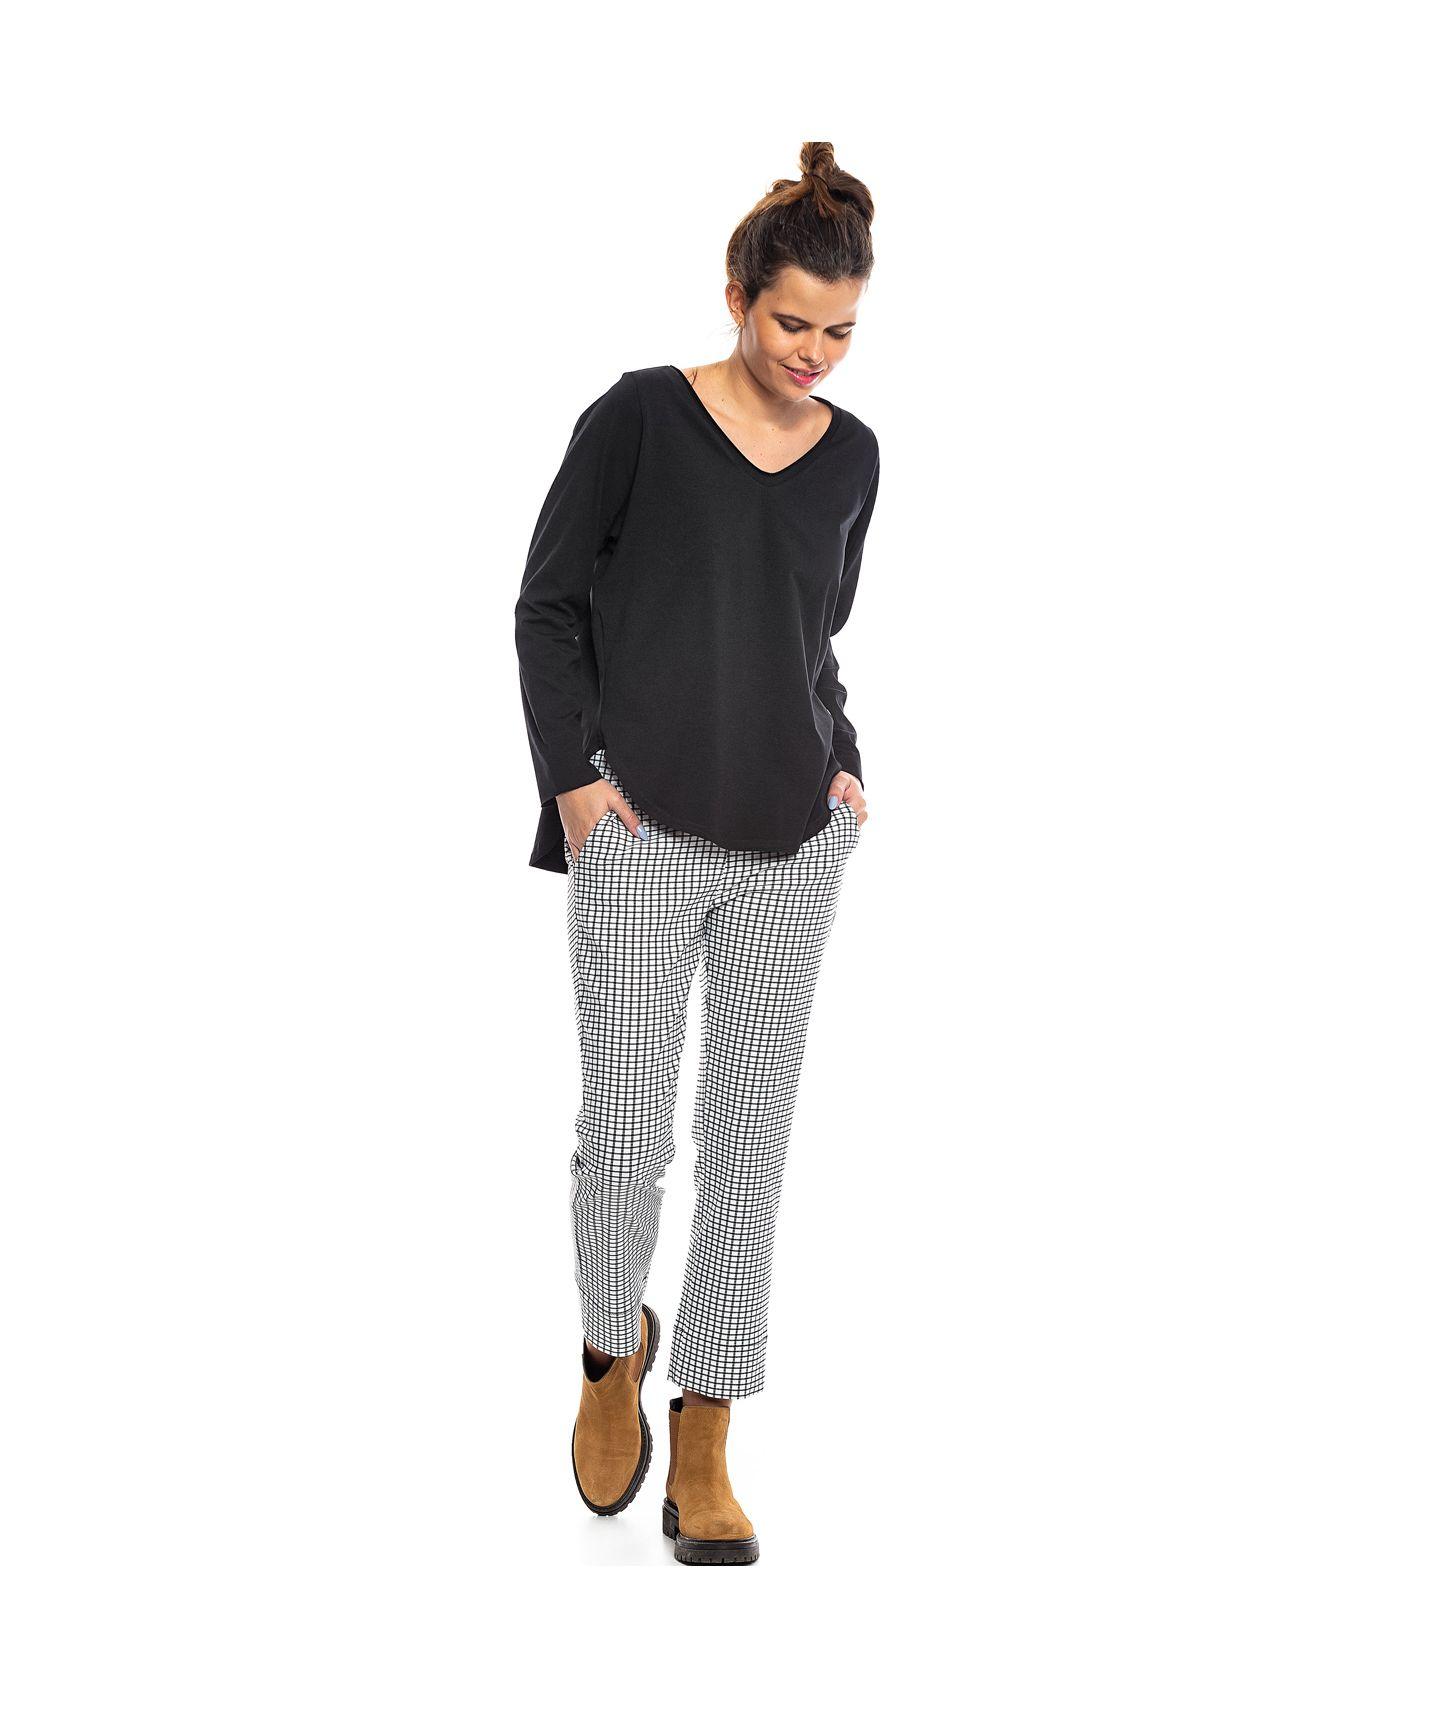 spodnie PANAMA check black-white